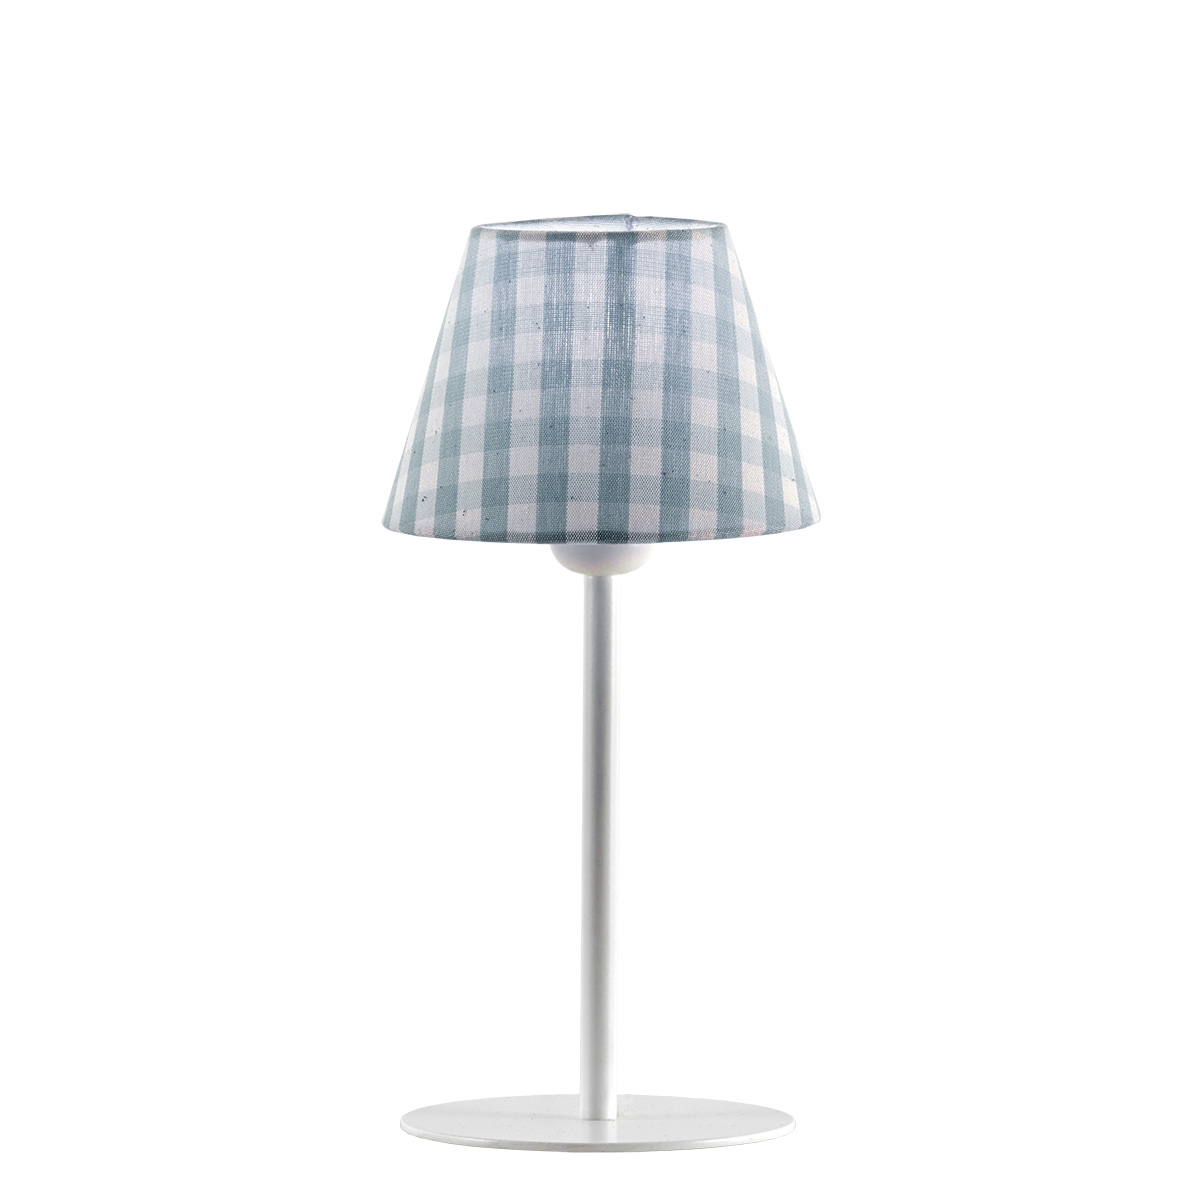 Πορτατίφ με σιελ καρό καπέλο CAROUSEL table lamp with light blue plaided shade